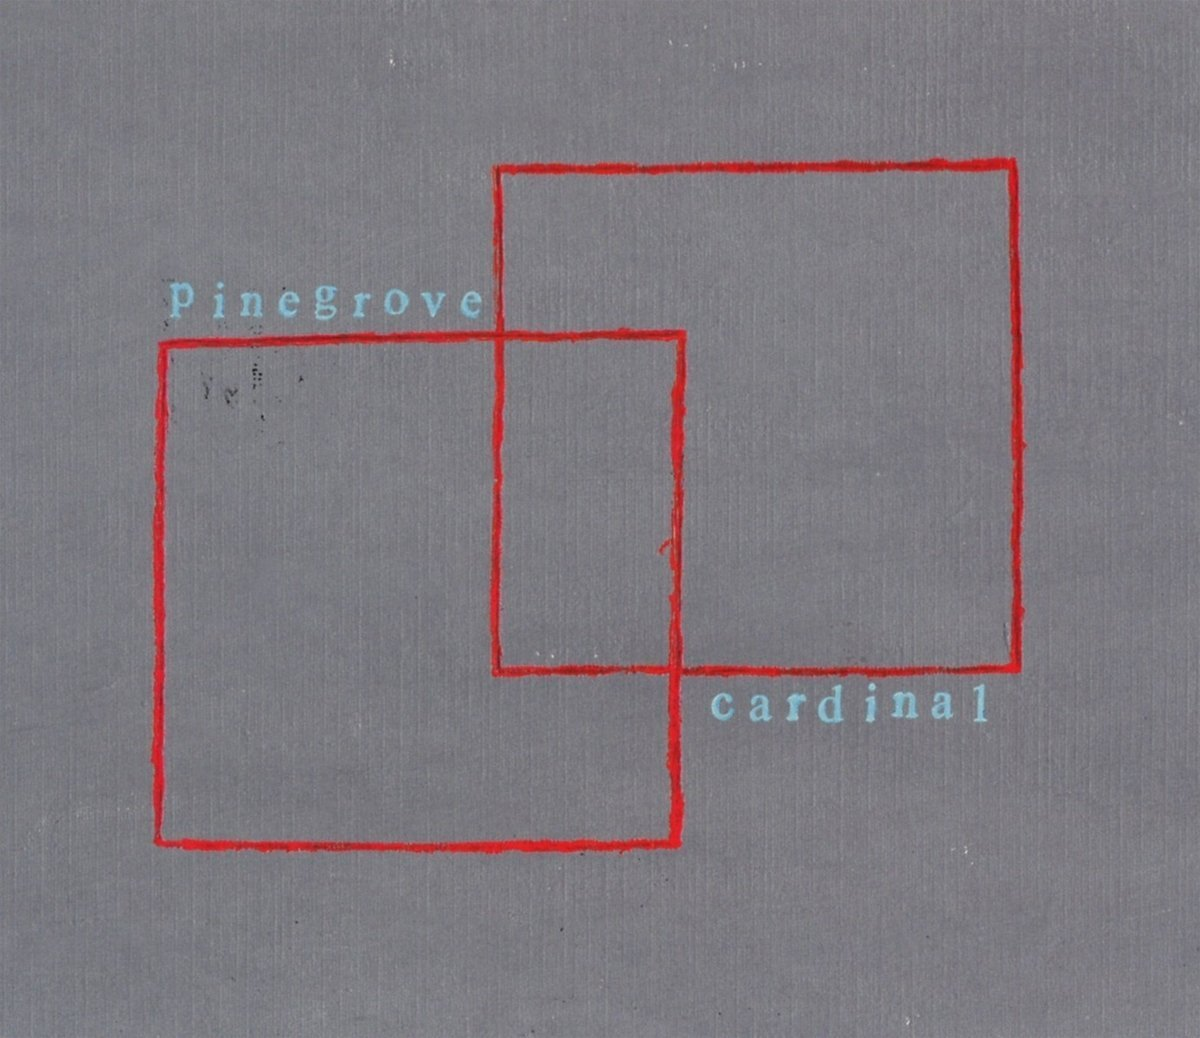 pinegrove-cardinal